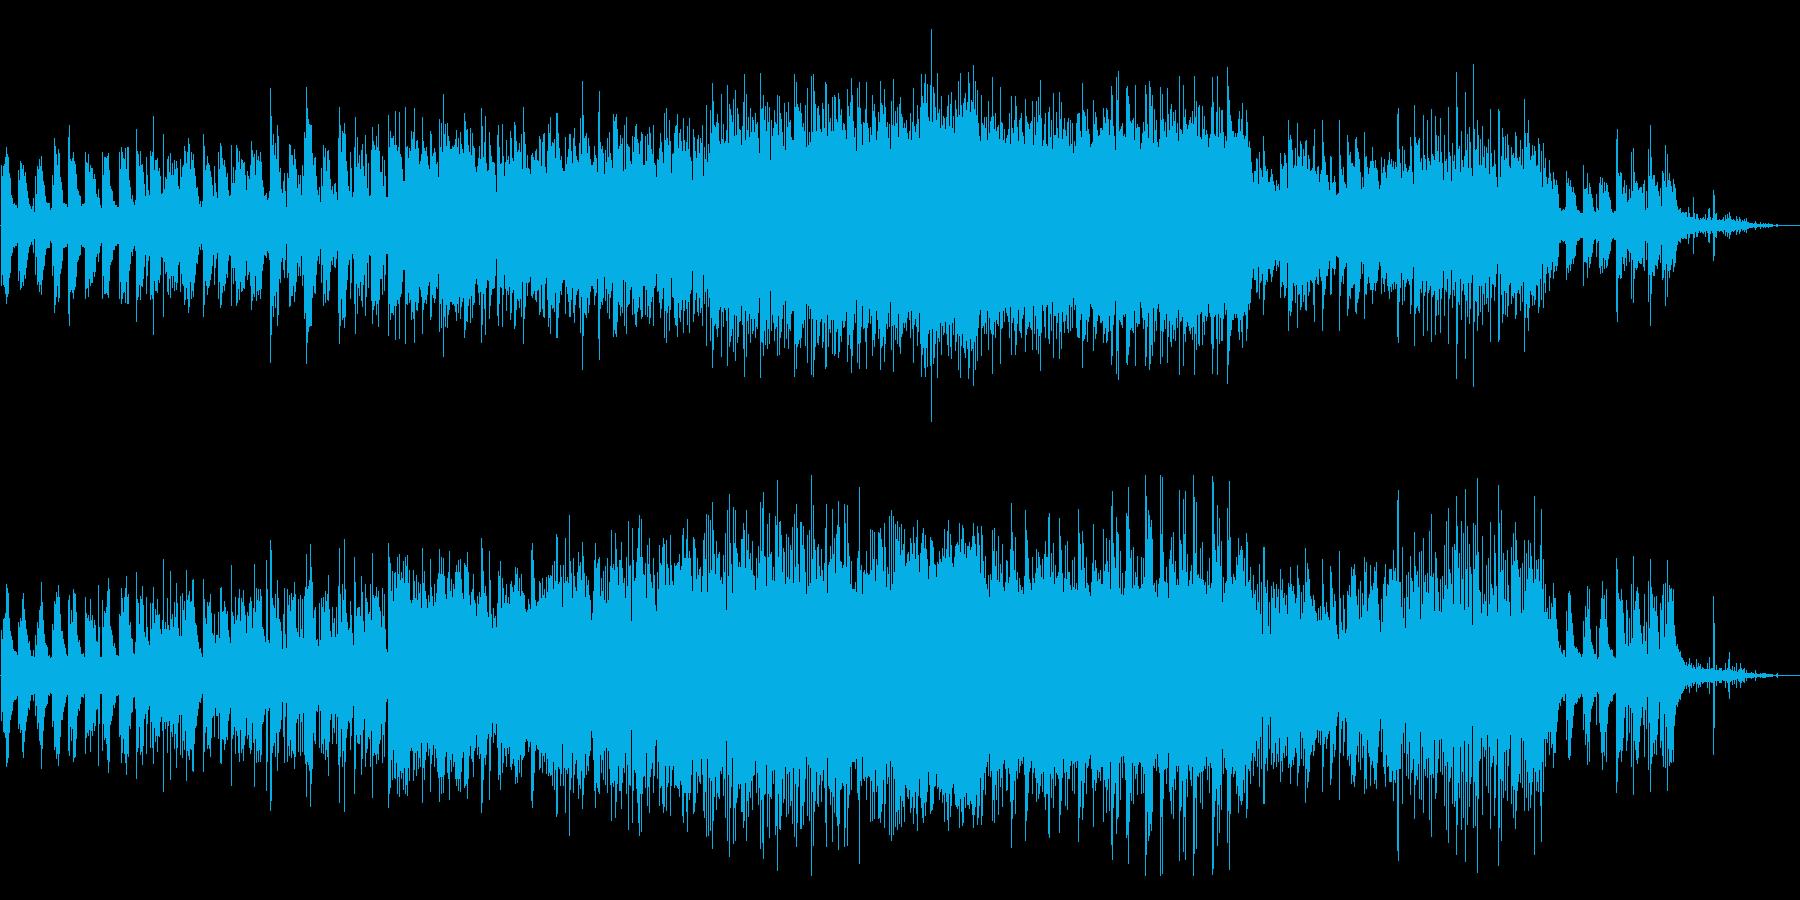 ピアノ/エレクトロニカ//不思議/雨の再生済みの波形